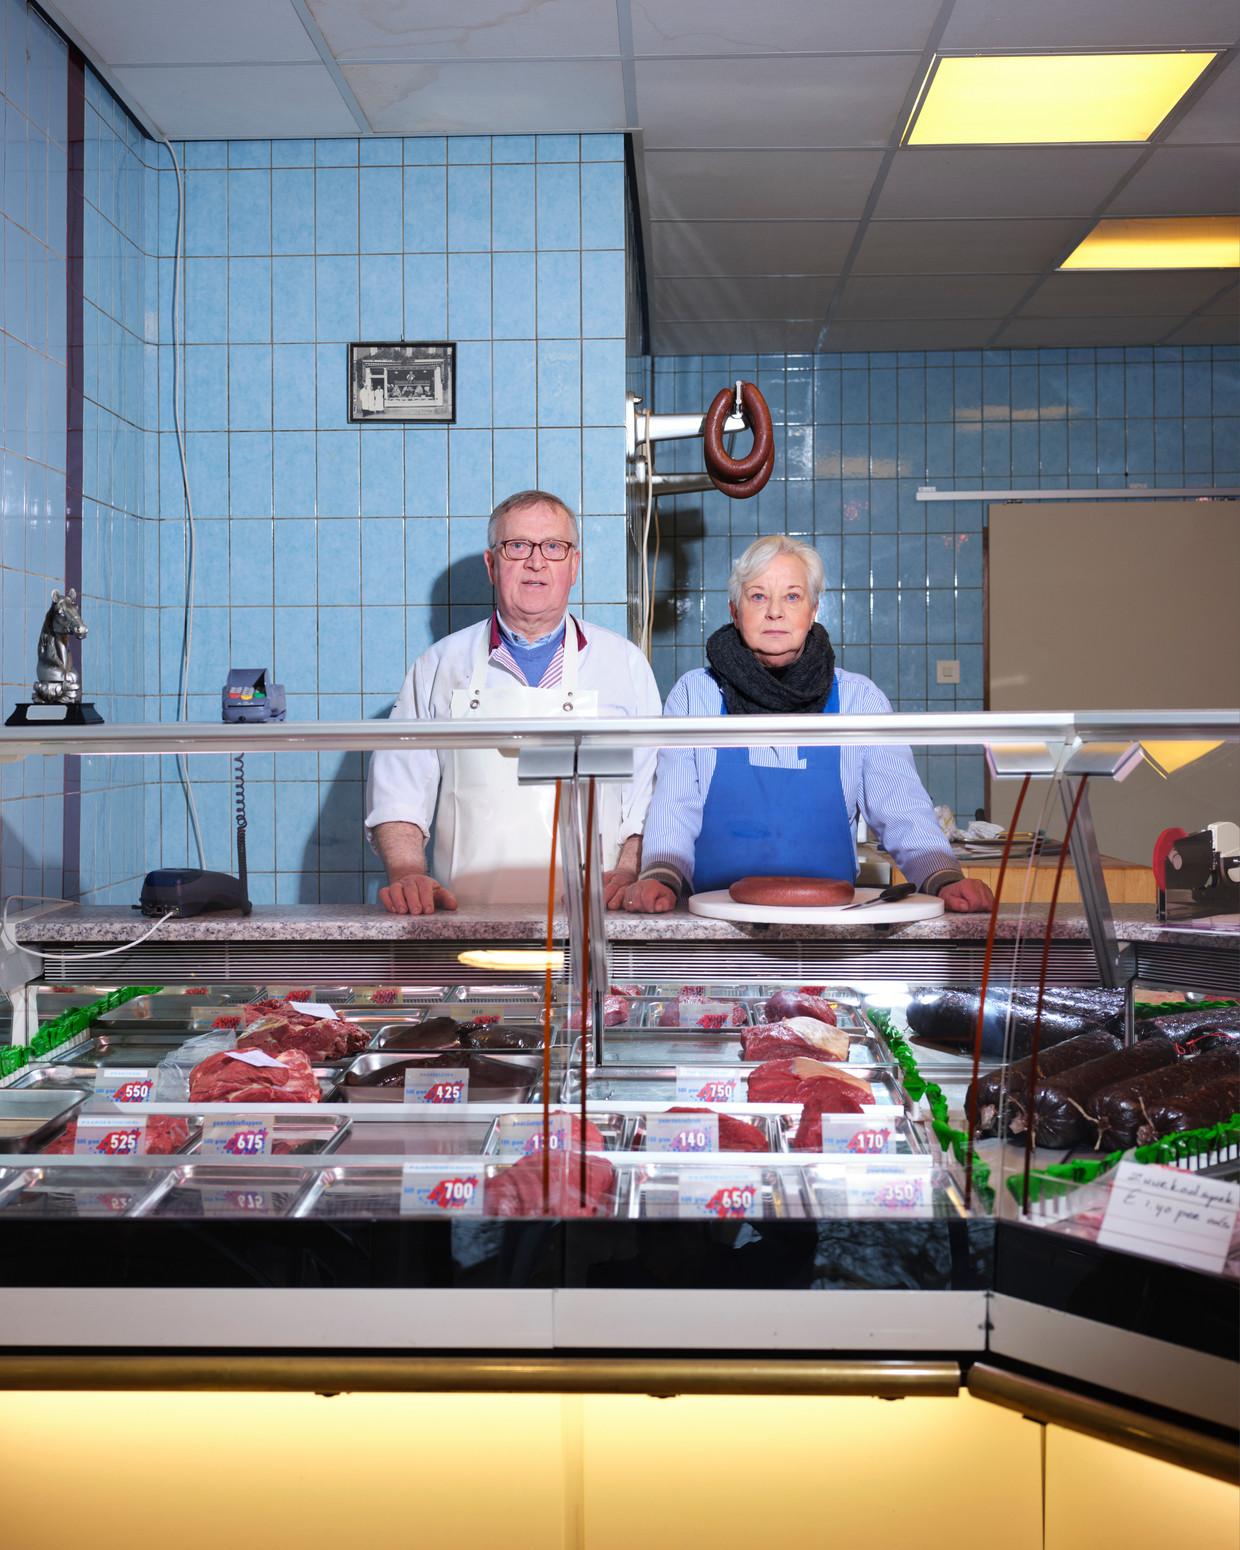 Jan en Titie van Dijk in hun paardenslagerij in Groningen.